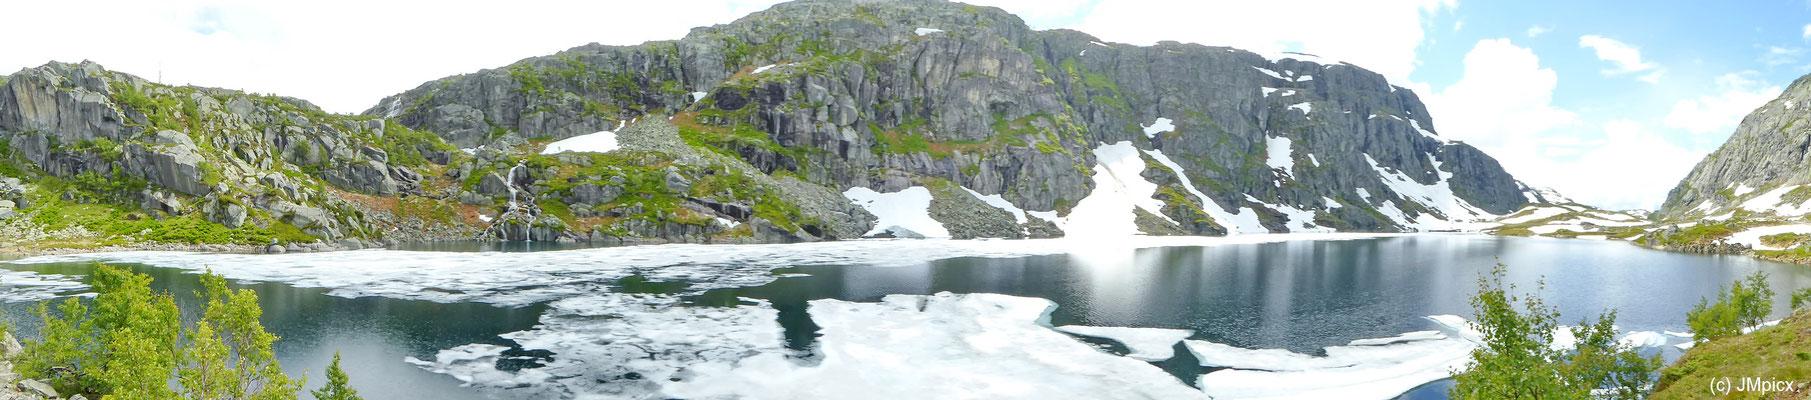 Panorama-Aufnahme eines im Frühsommer teilweise zugefrorenen Bergsees in Süd-Norwegen (Ryfylke)